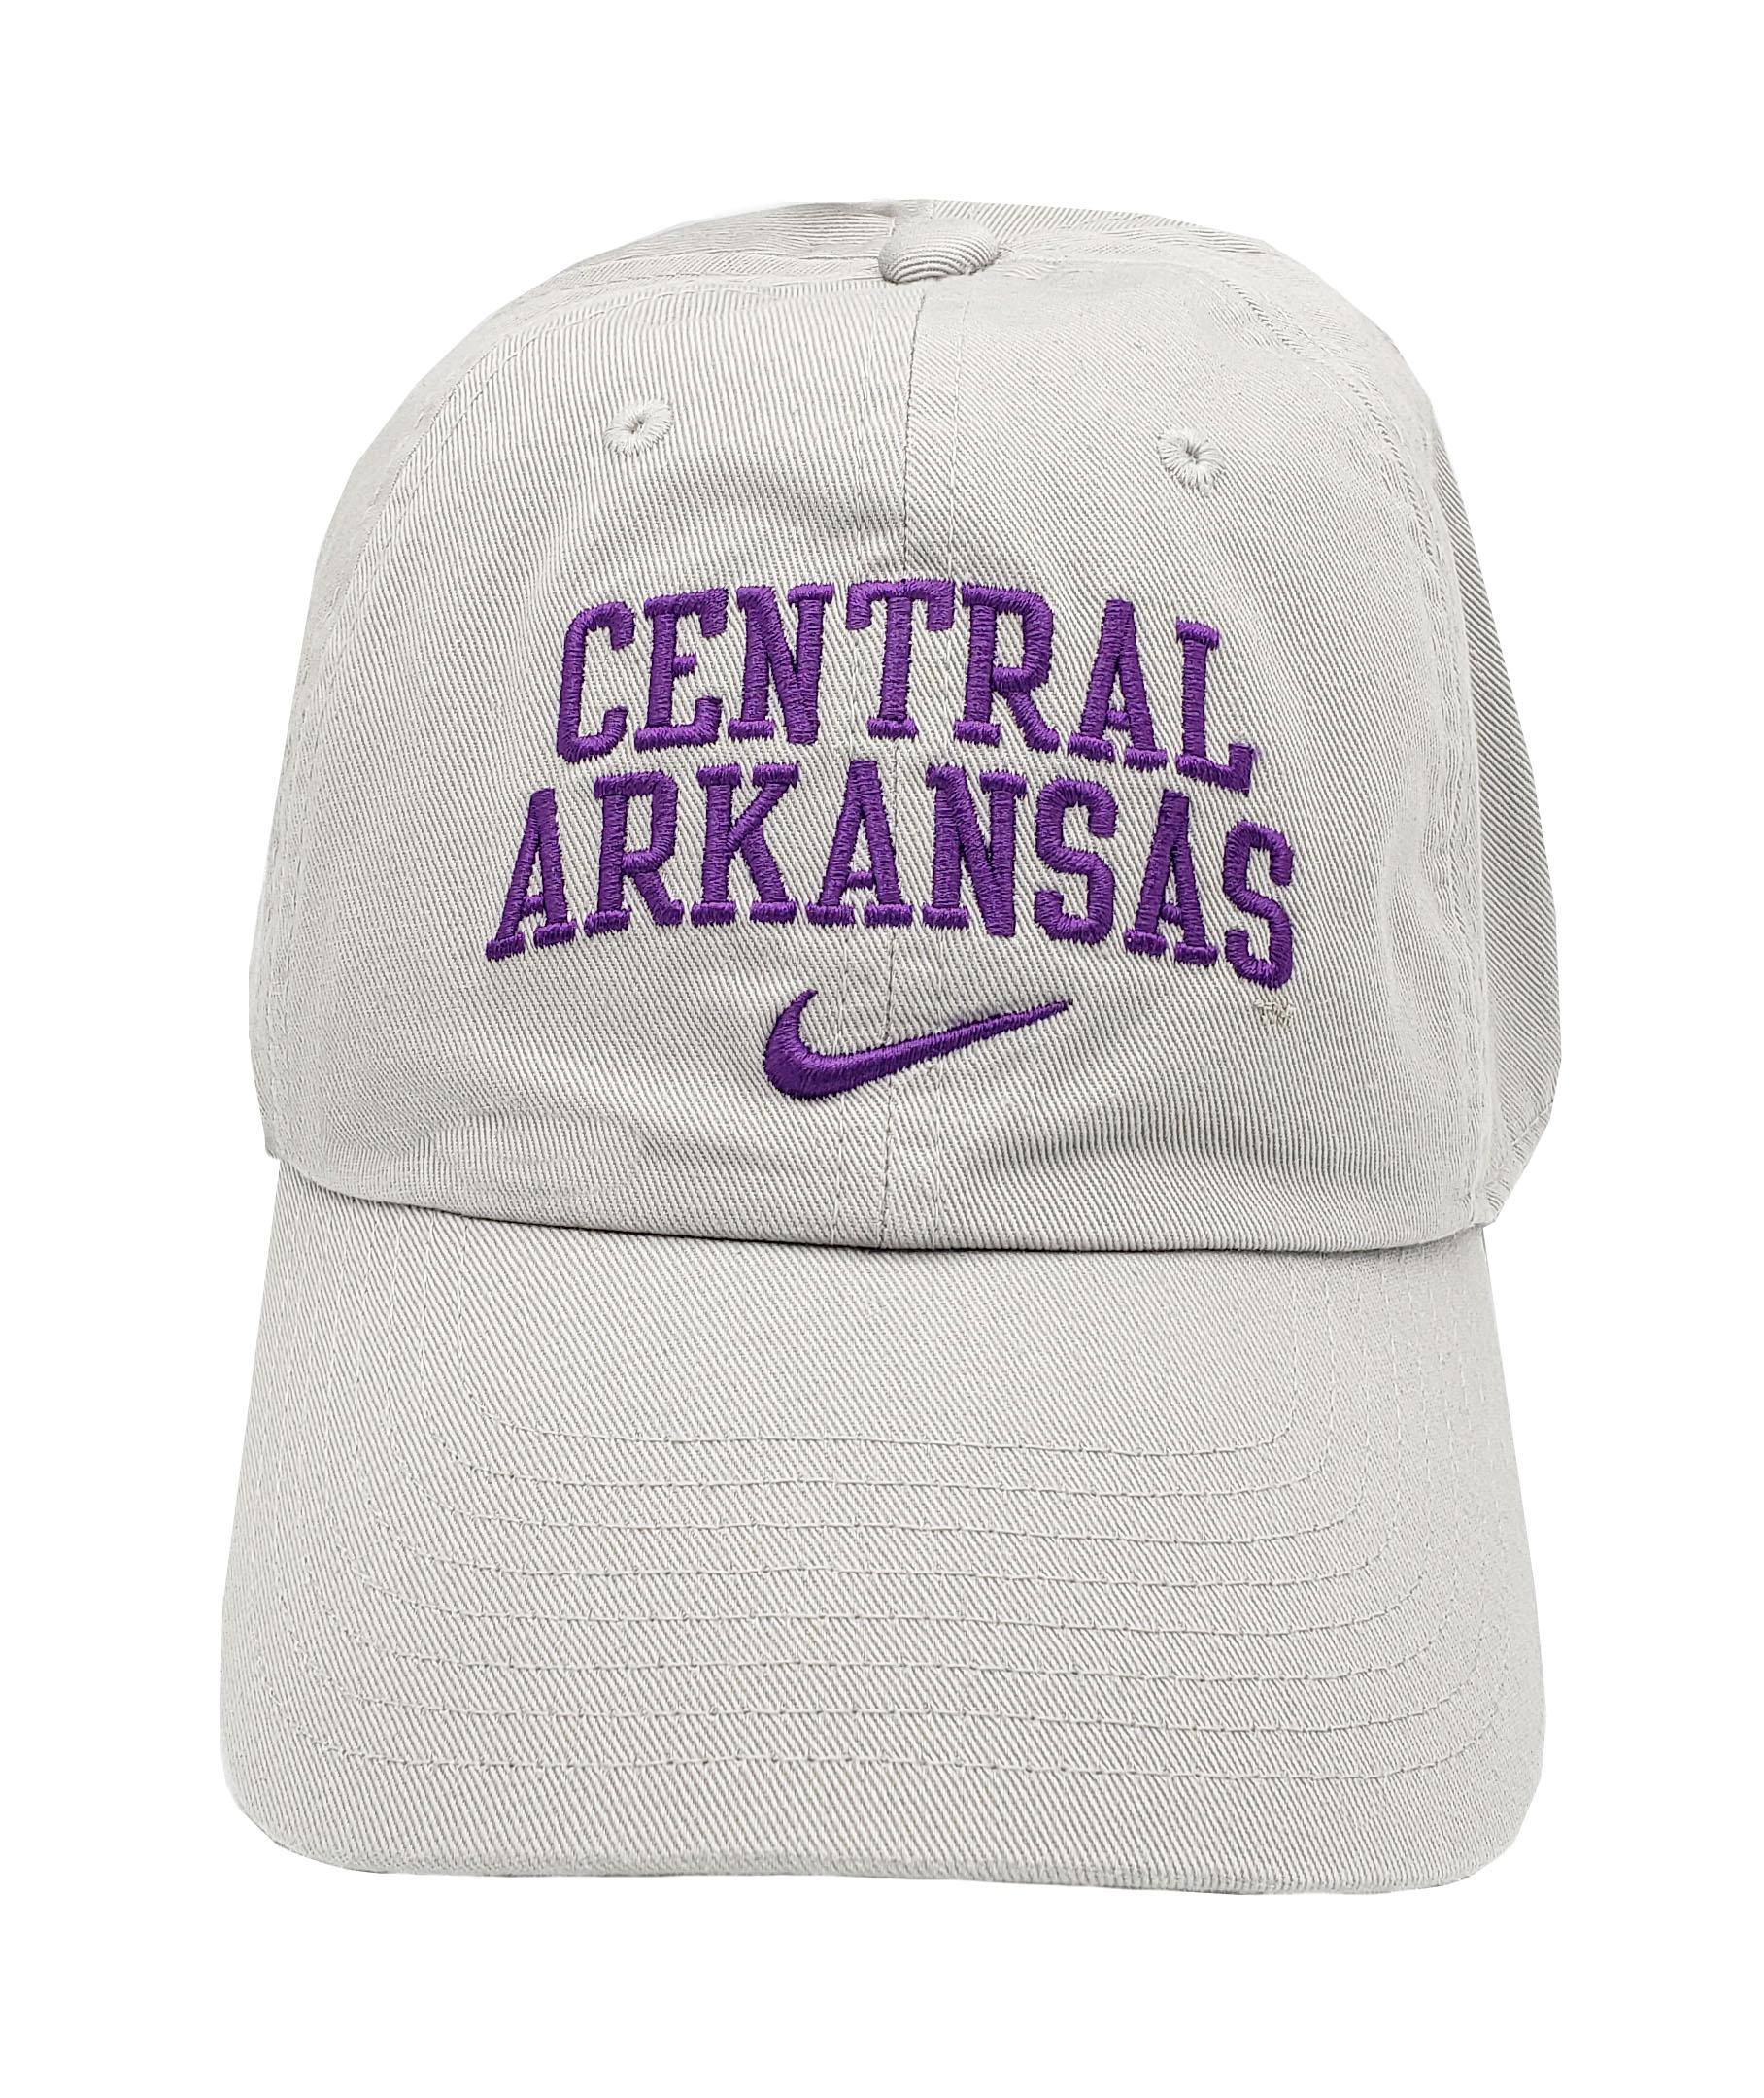 Central Arkansas Campus Cap